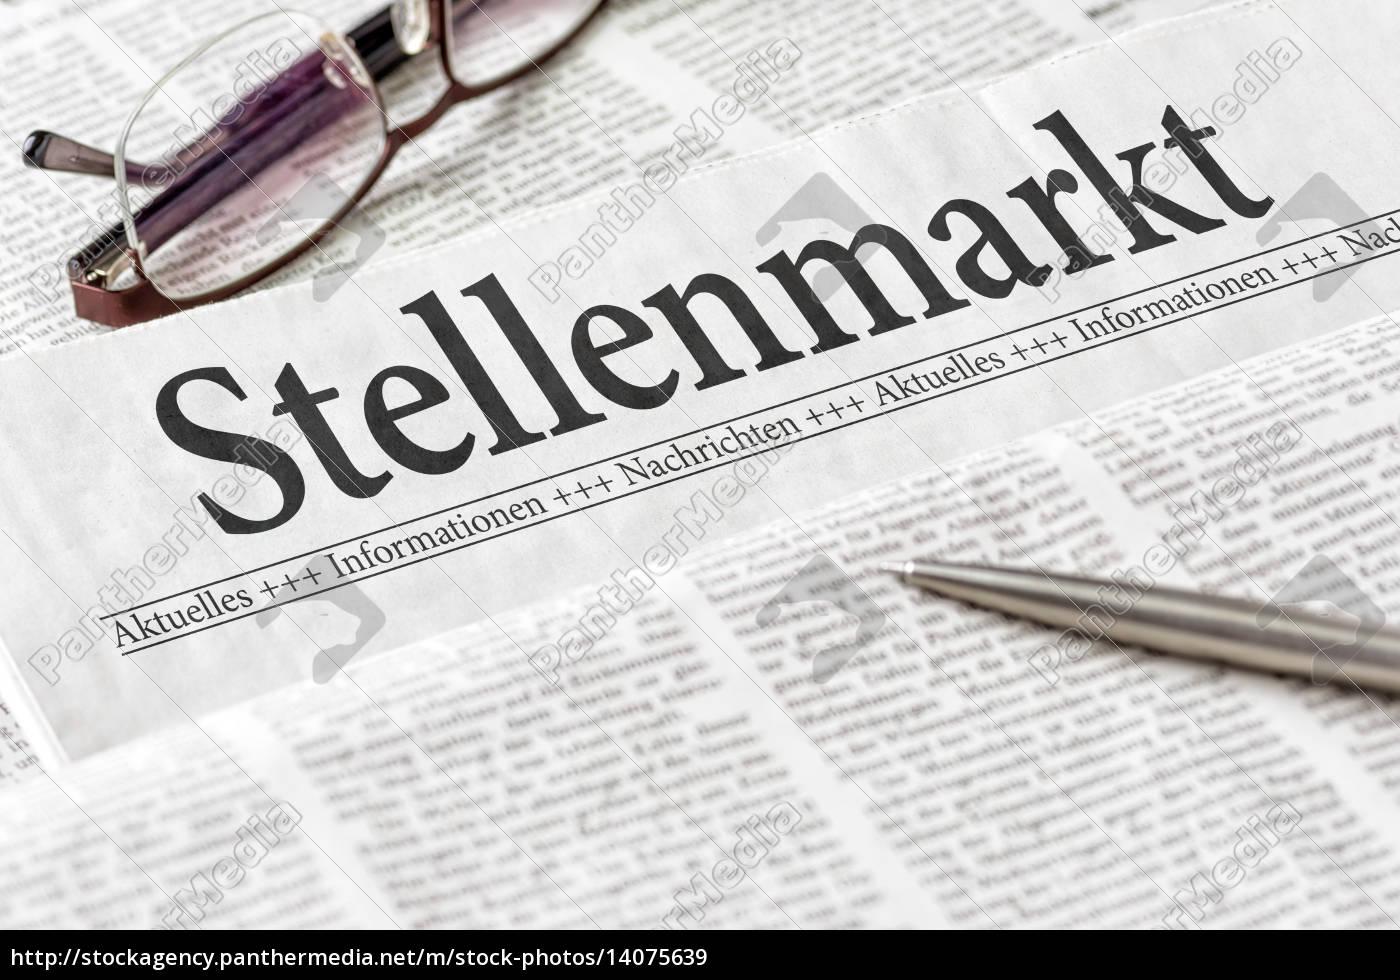 newspaper, with, the, heading, stellenmarkt - 14075639